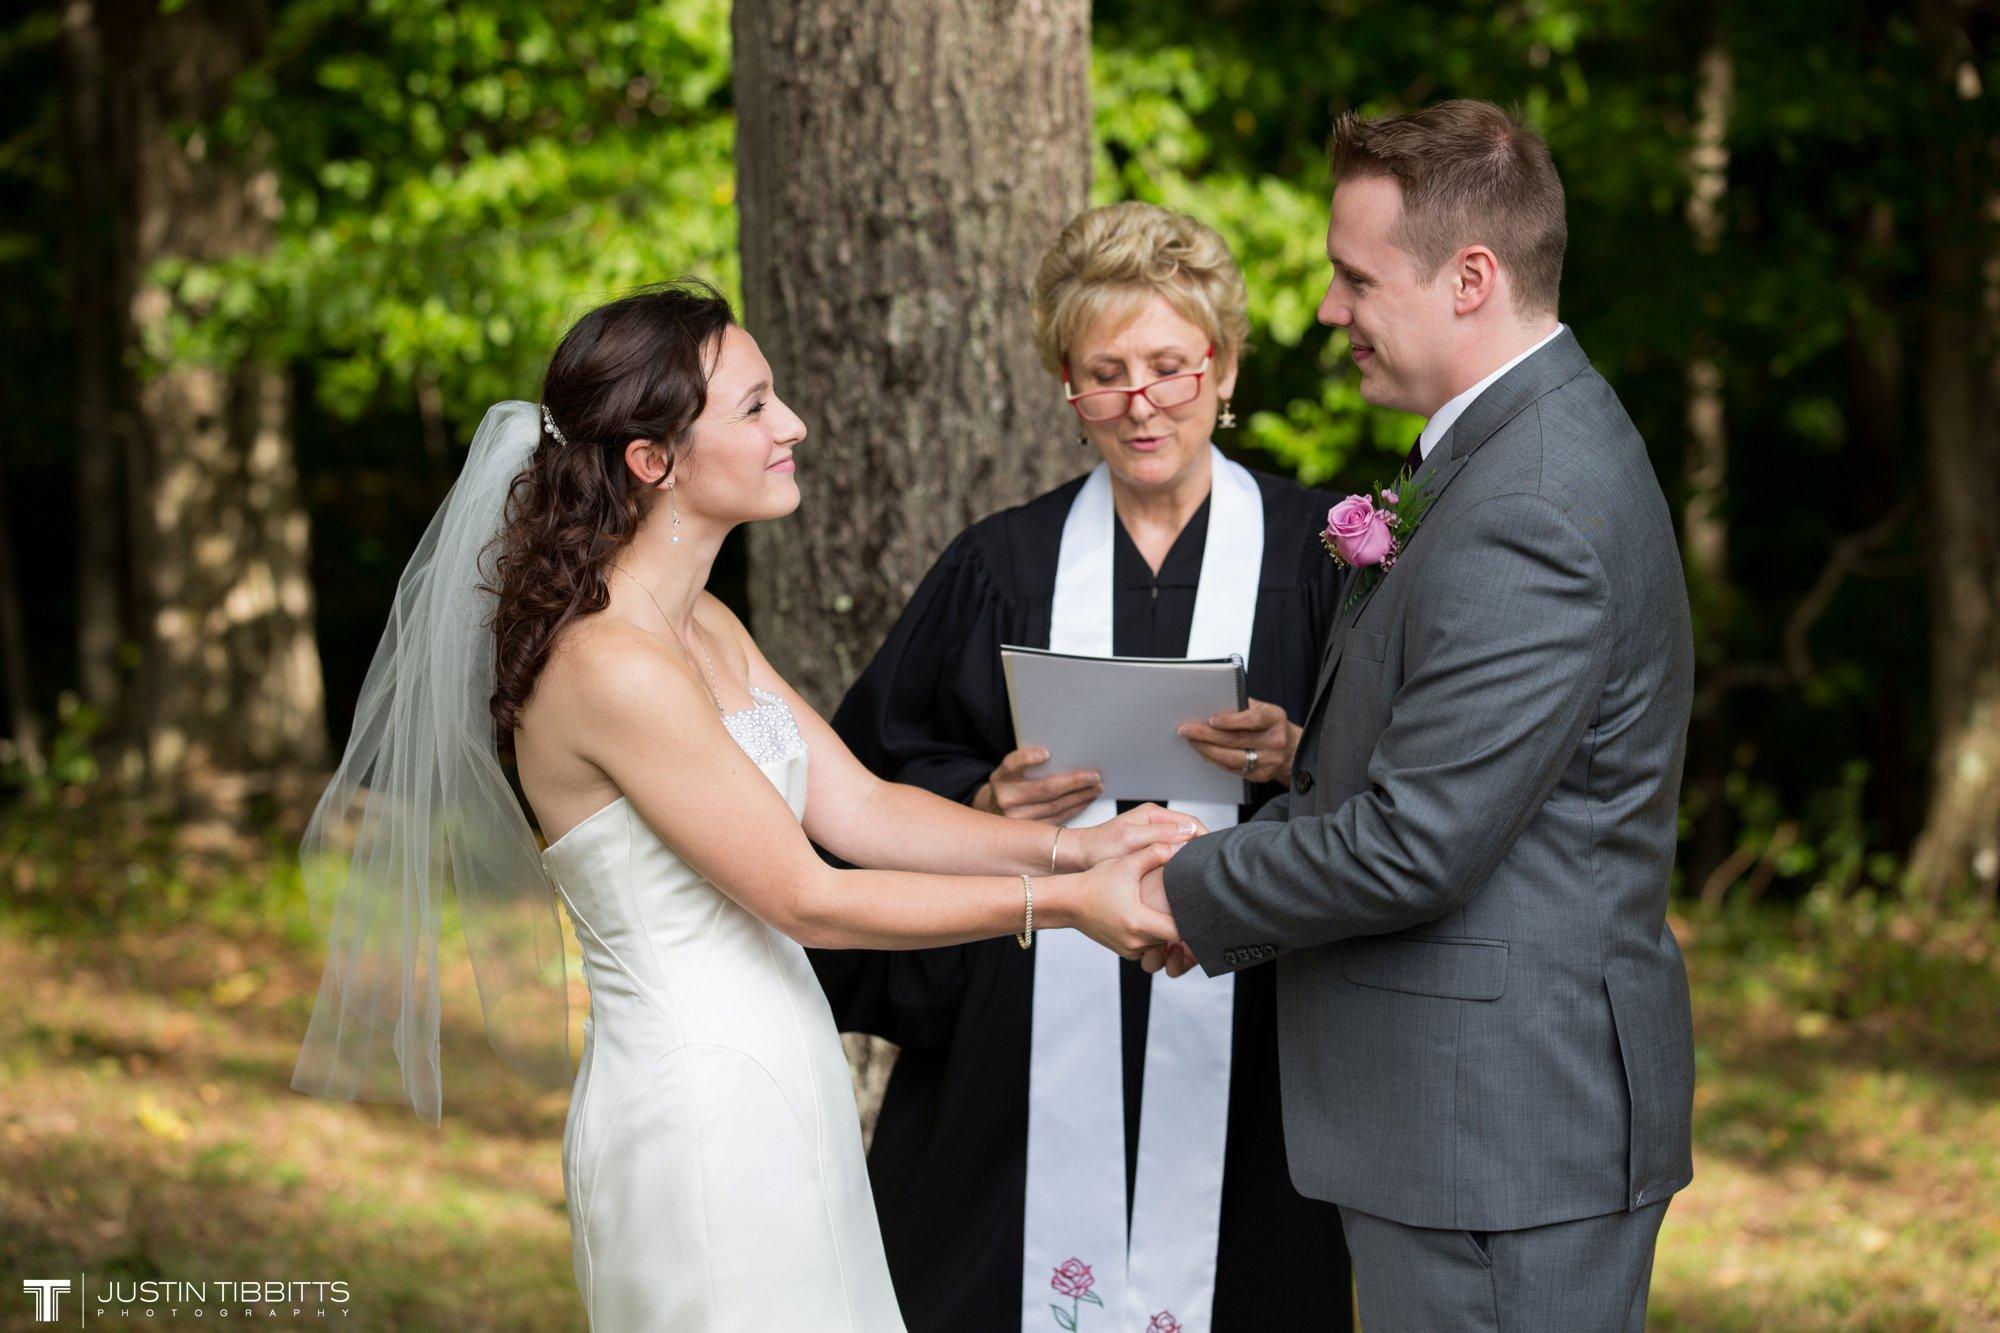 Justin Tibbitts Photography Rob and Brittany's Averill Park, NY Wedding_0386